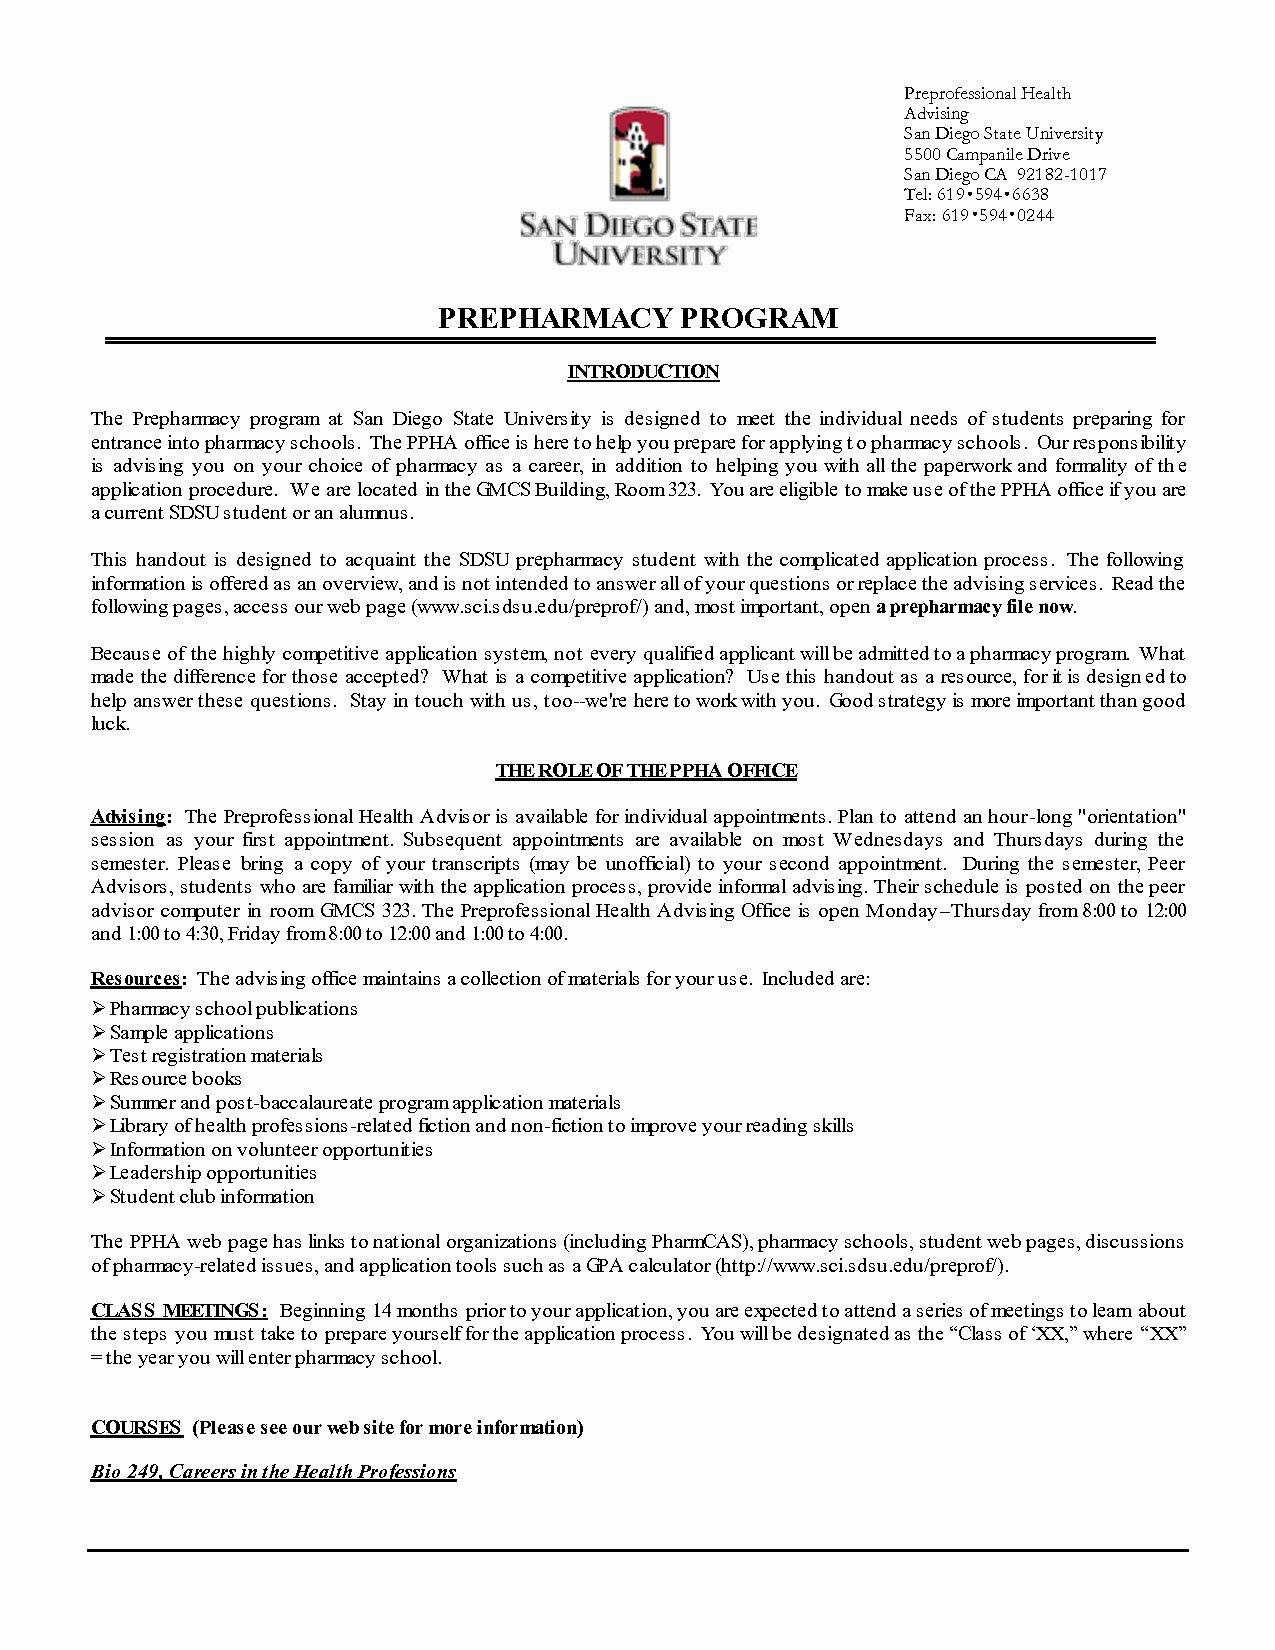 Pharmcas Letter Of Recommendation Fresh Scholarship Letter Re Mendation Template Sample